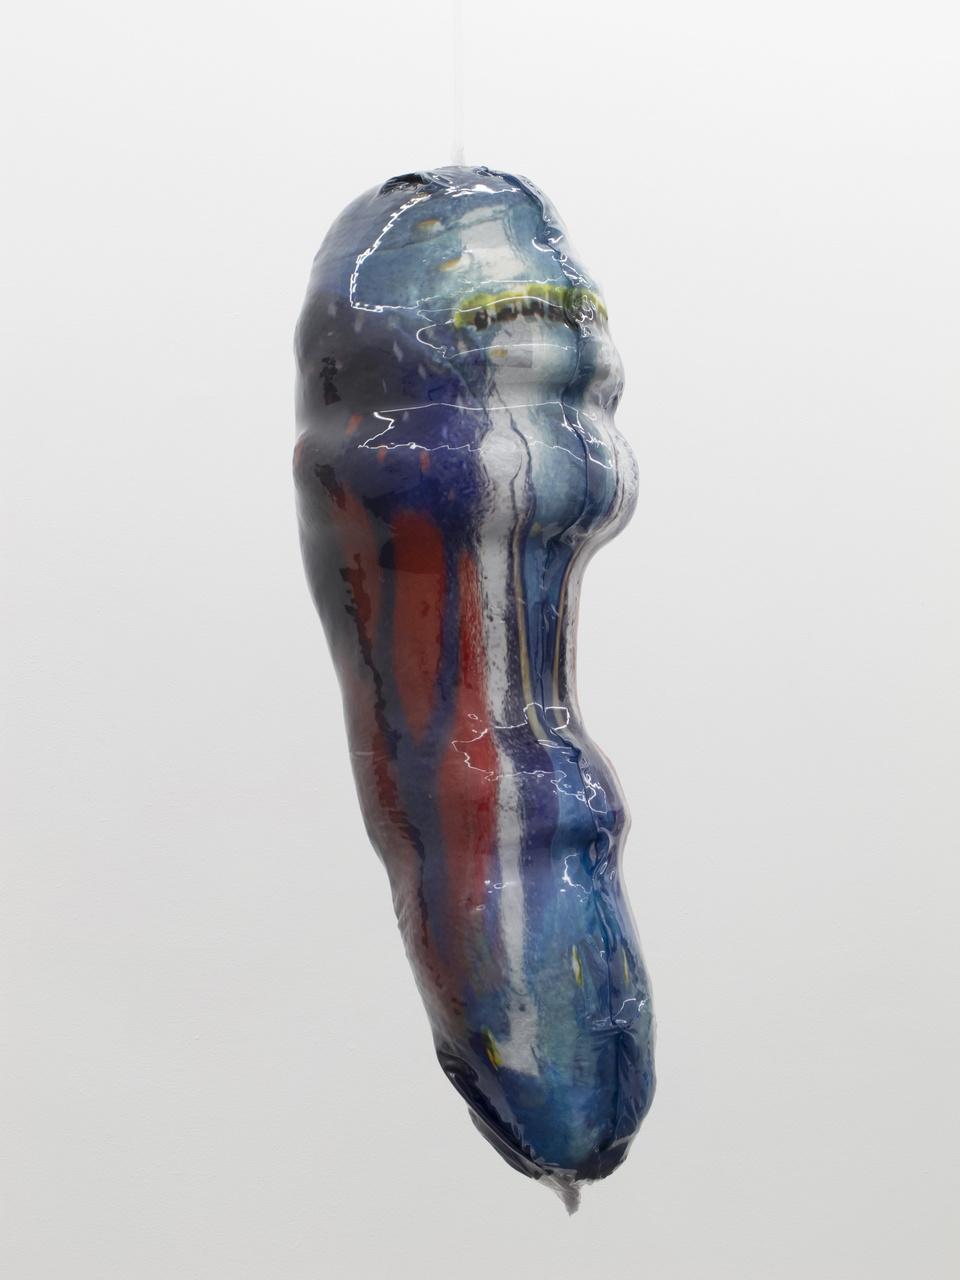 Just-in-Time - Chrysalis (blue) MK II